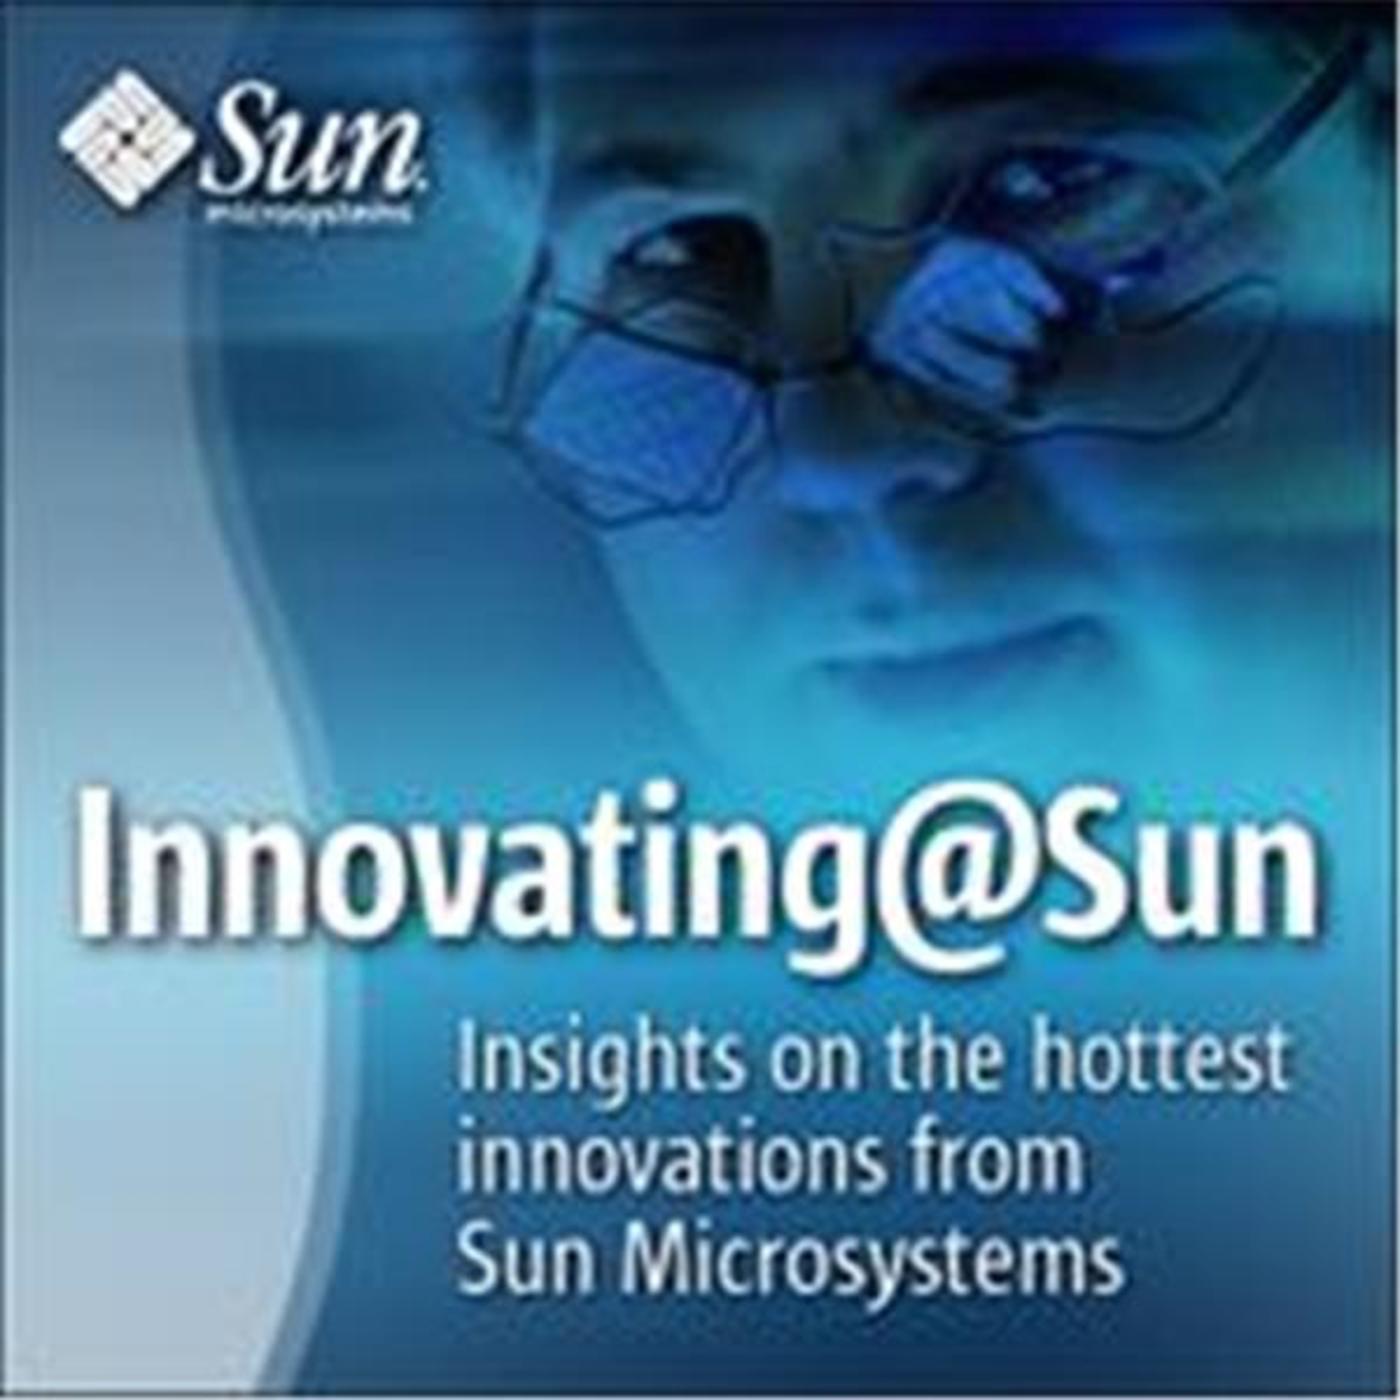 Innovating@Sun